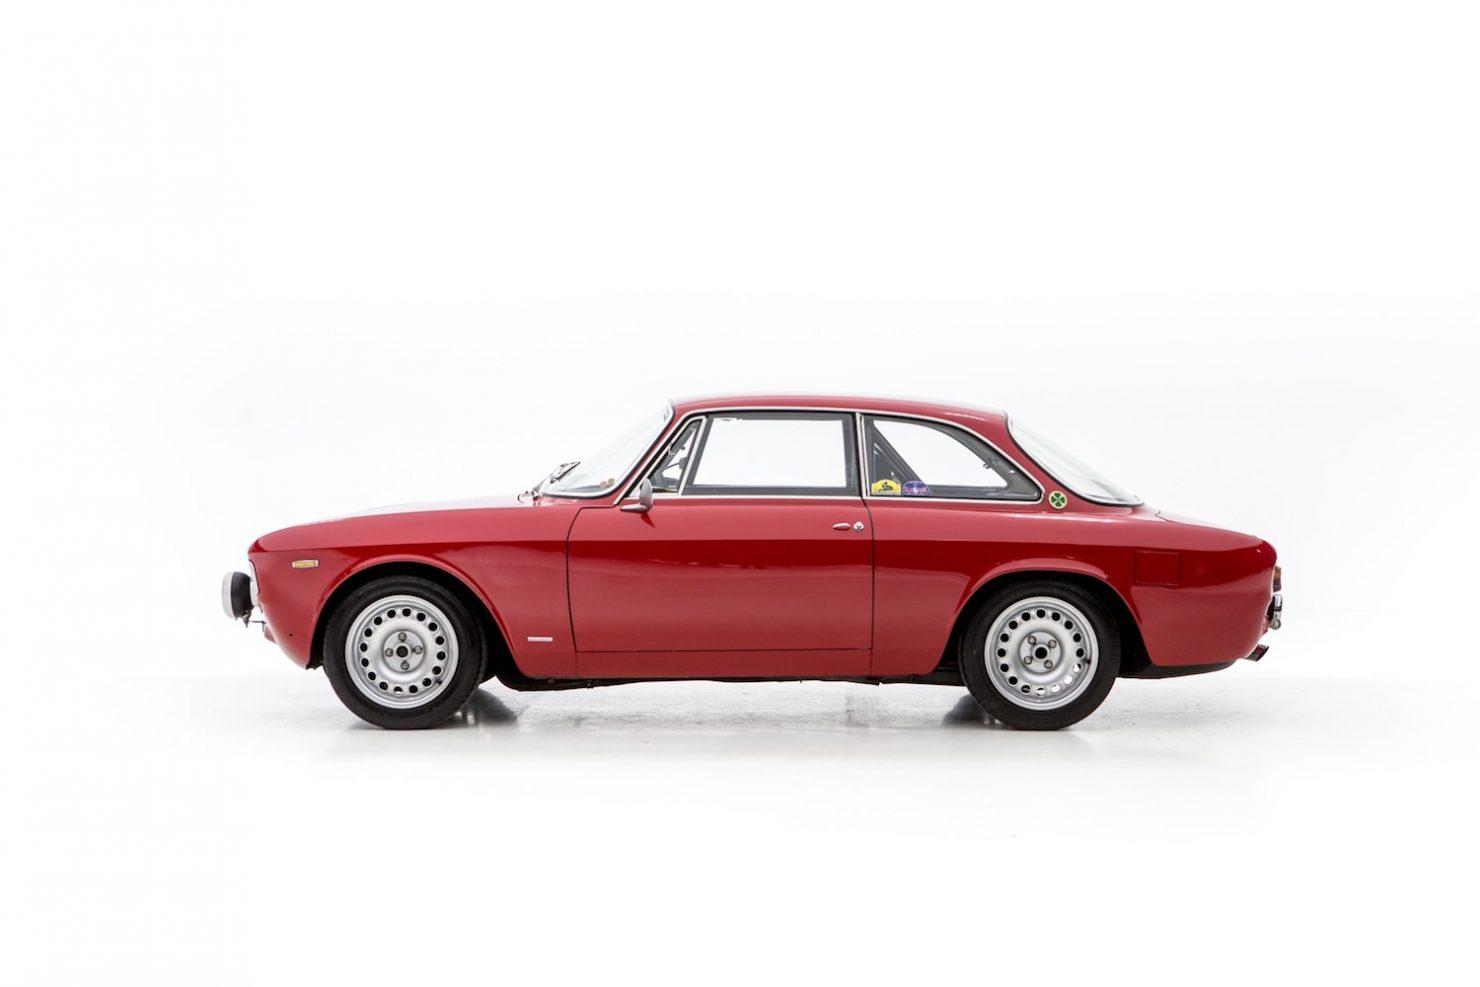 alfa romeo sprint gt veloce 18 1480x987 - 1967 Alfa Romeo Sprint GT Veloce